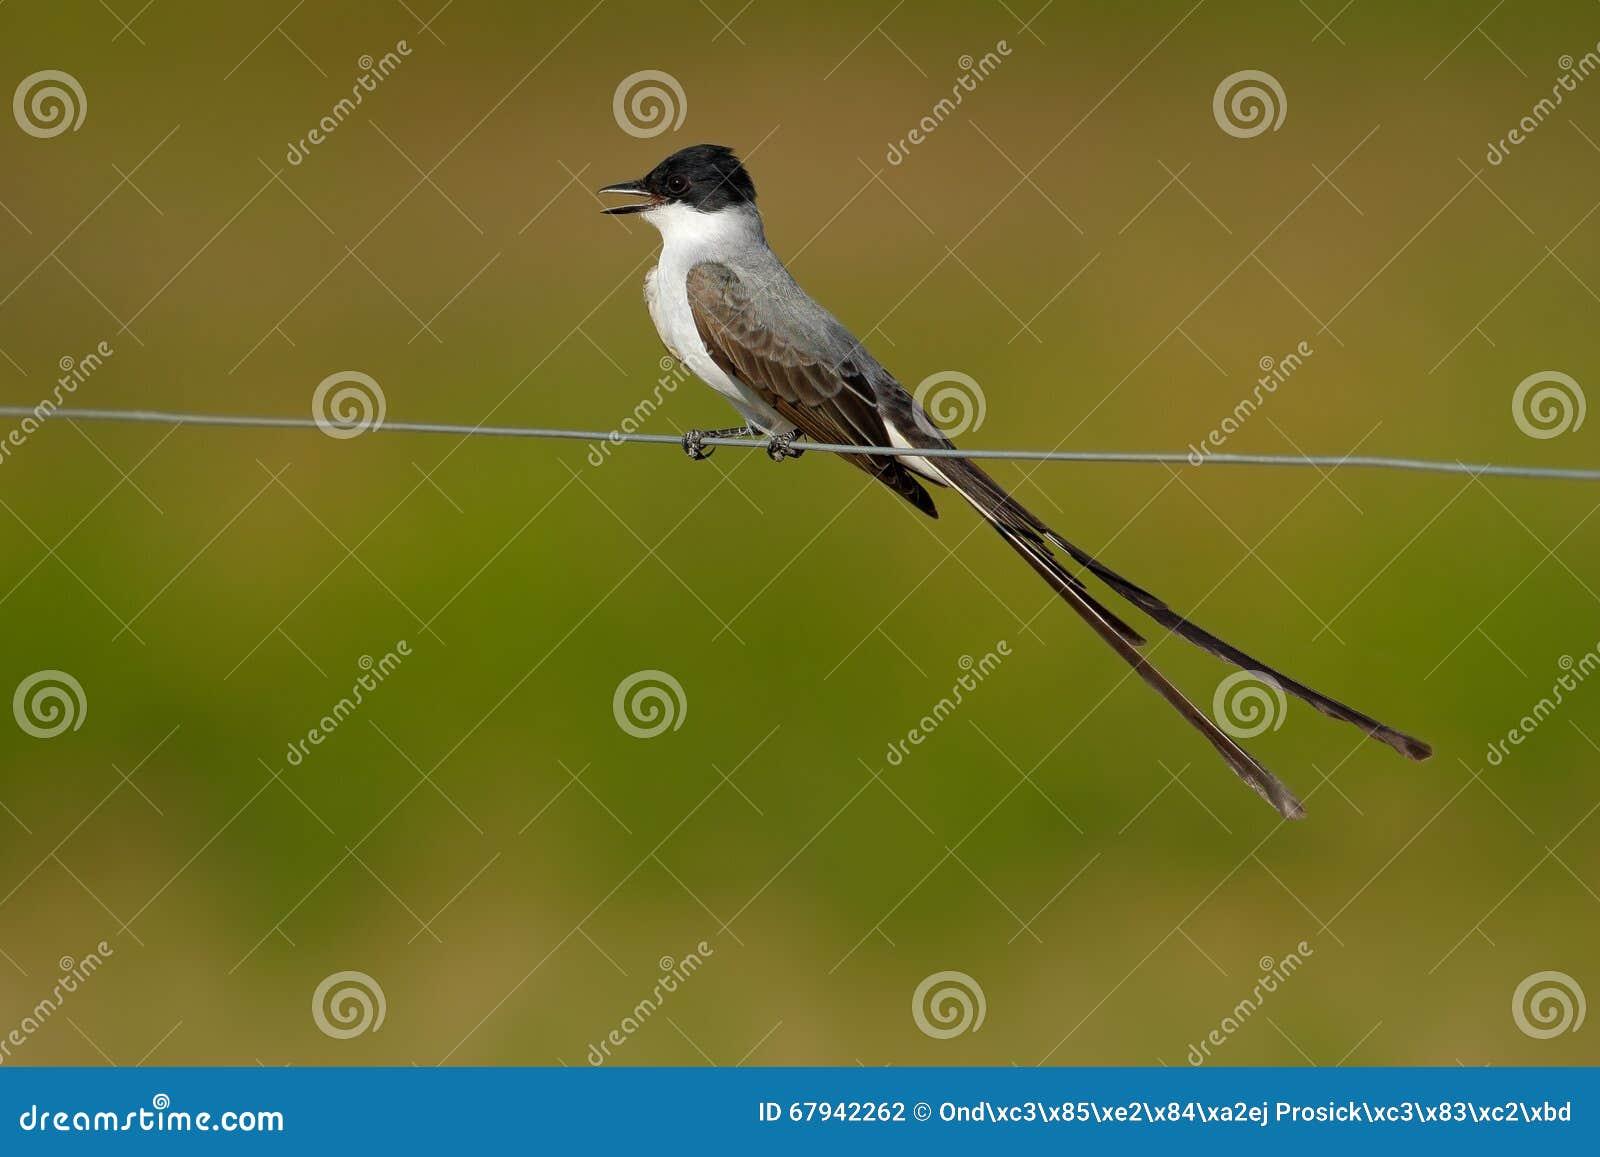 Oiseau de savana fourchette coup la queue de flycatcher for Oiseau noir et gris